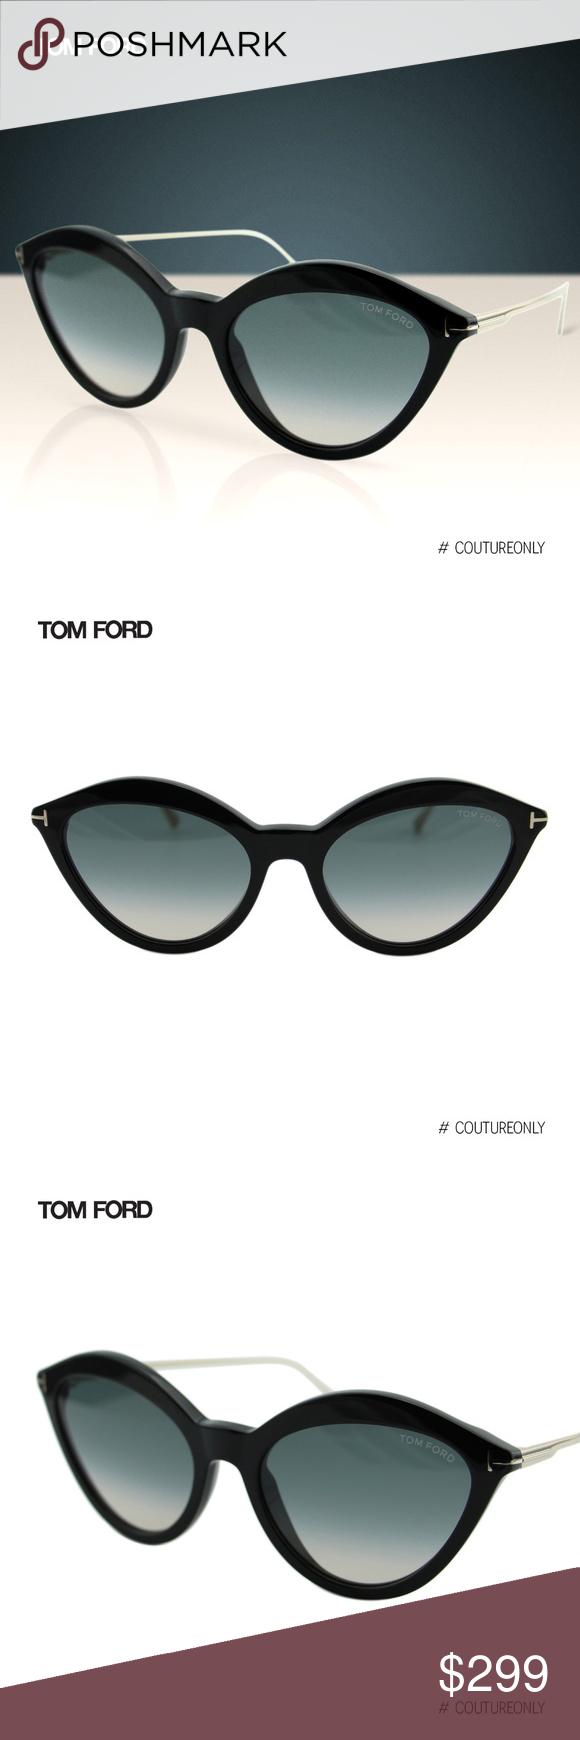 abd7399b52e6e New 2019 Tom Ford Chloe FT0663 Cat eye Sunglasses SKU  FT-0663-01B ...